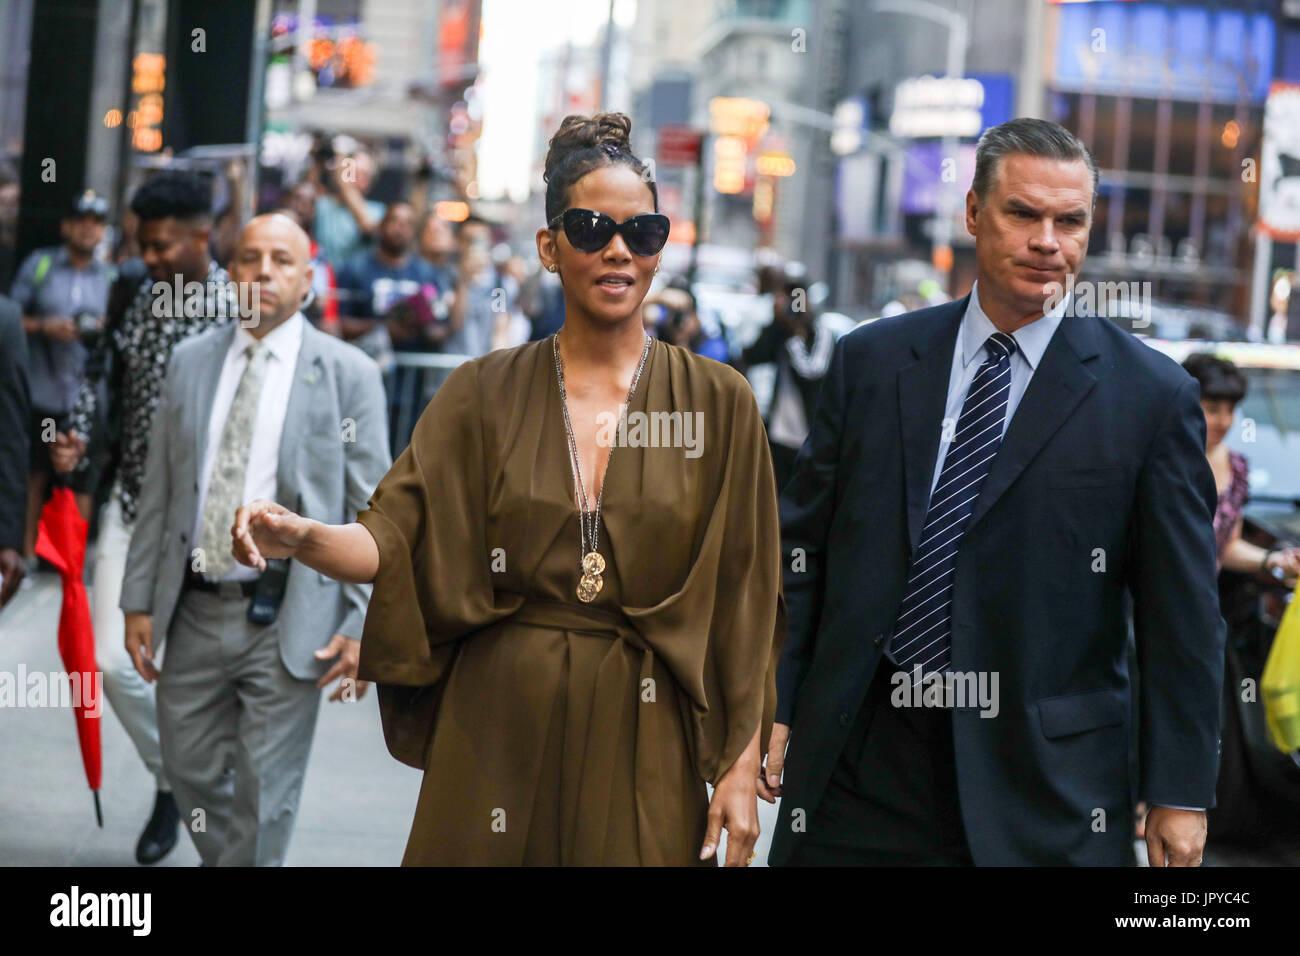 Nova Iorque, EUA. 3 Ago de 2017. Actriz americana Halle Berry é visto chegando num programa de televisão Imagens de Stock